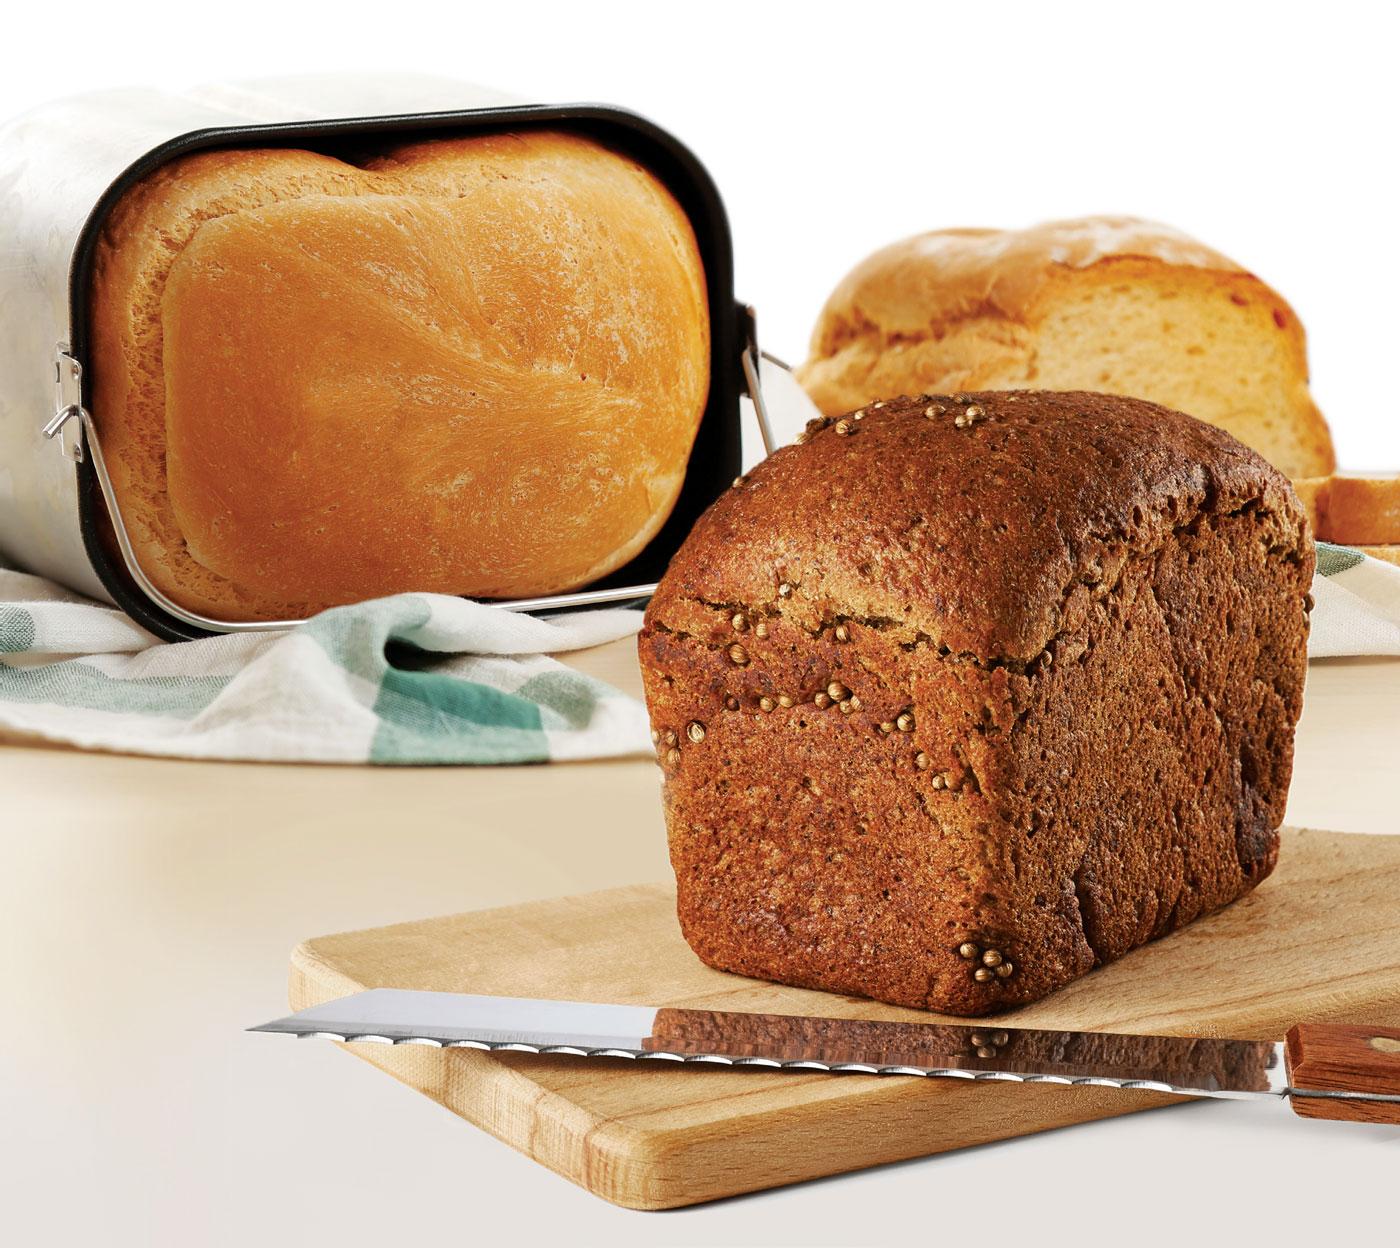 White / Brown Bread